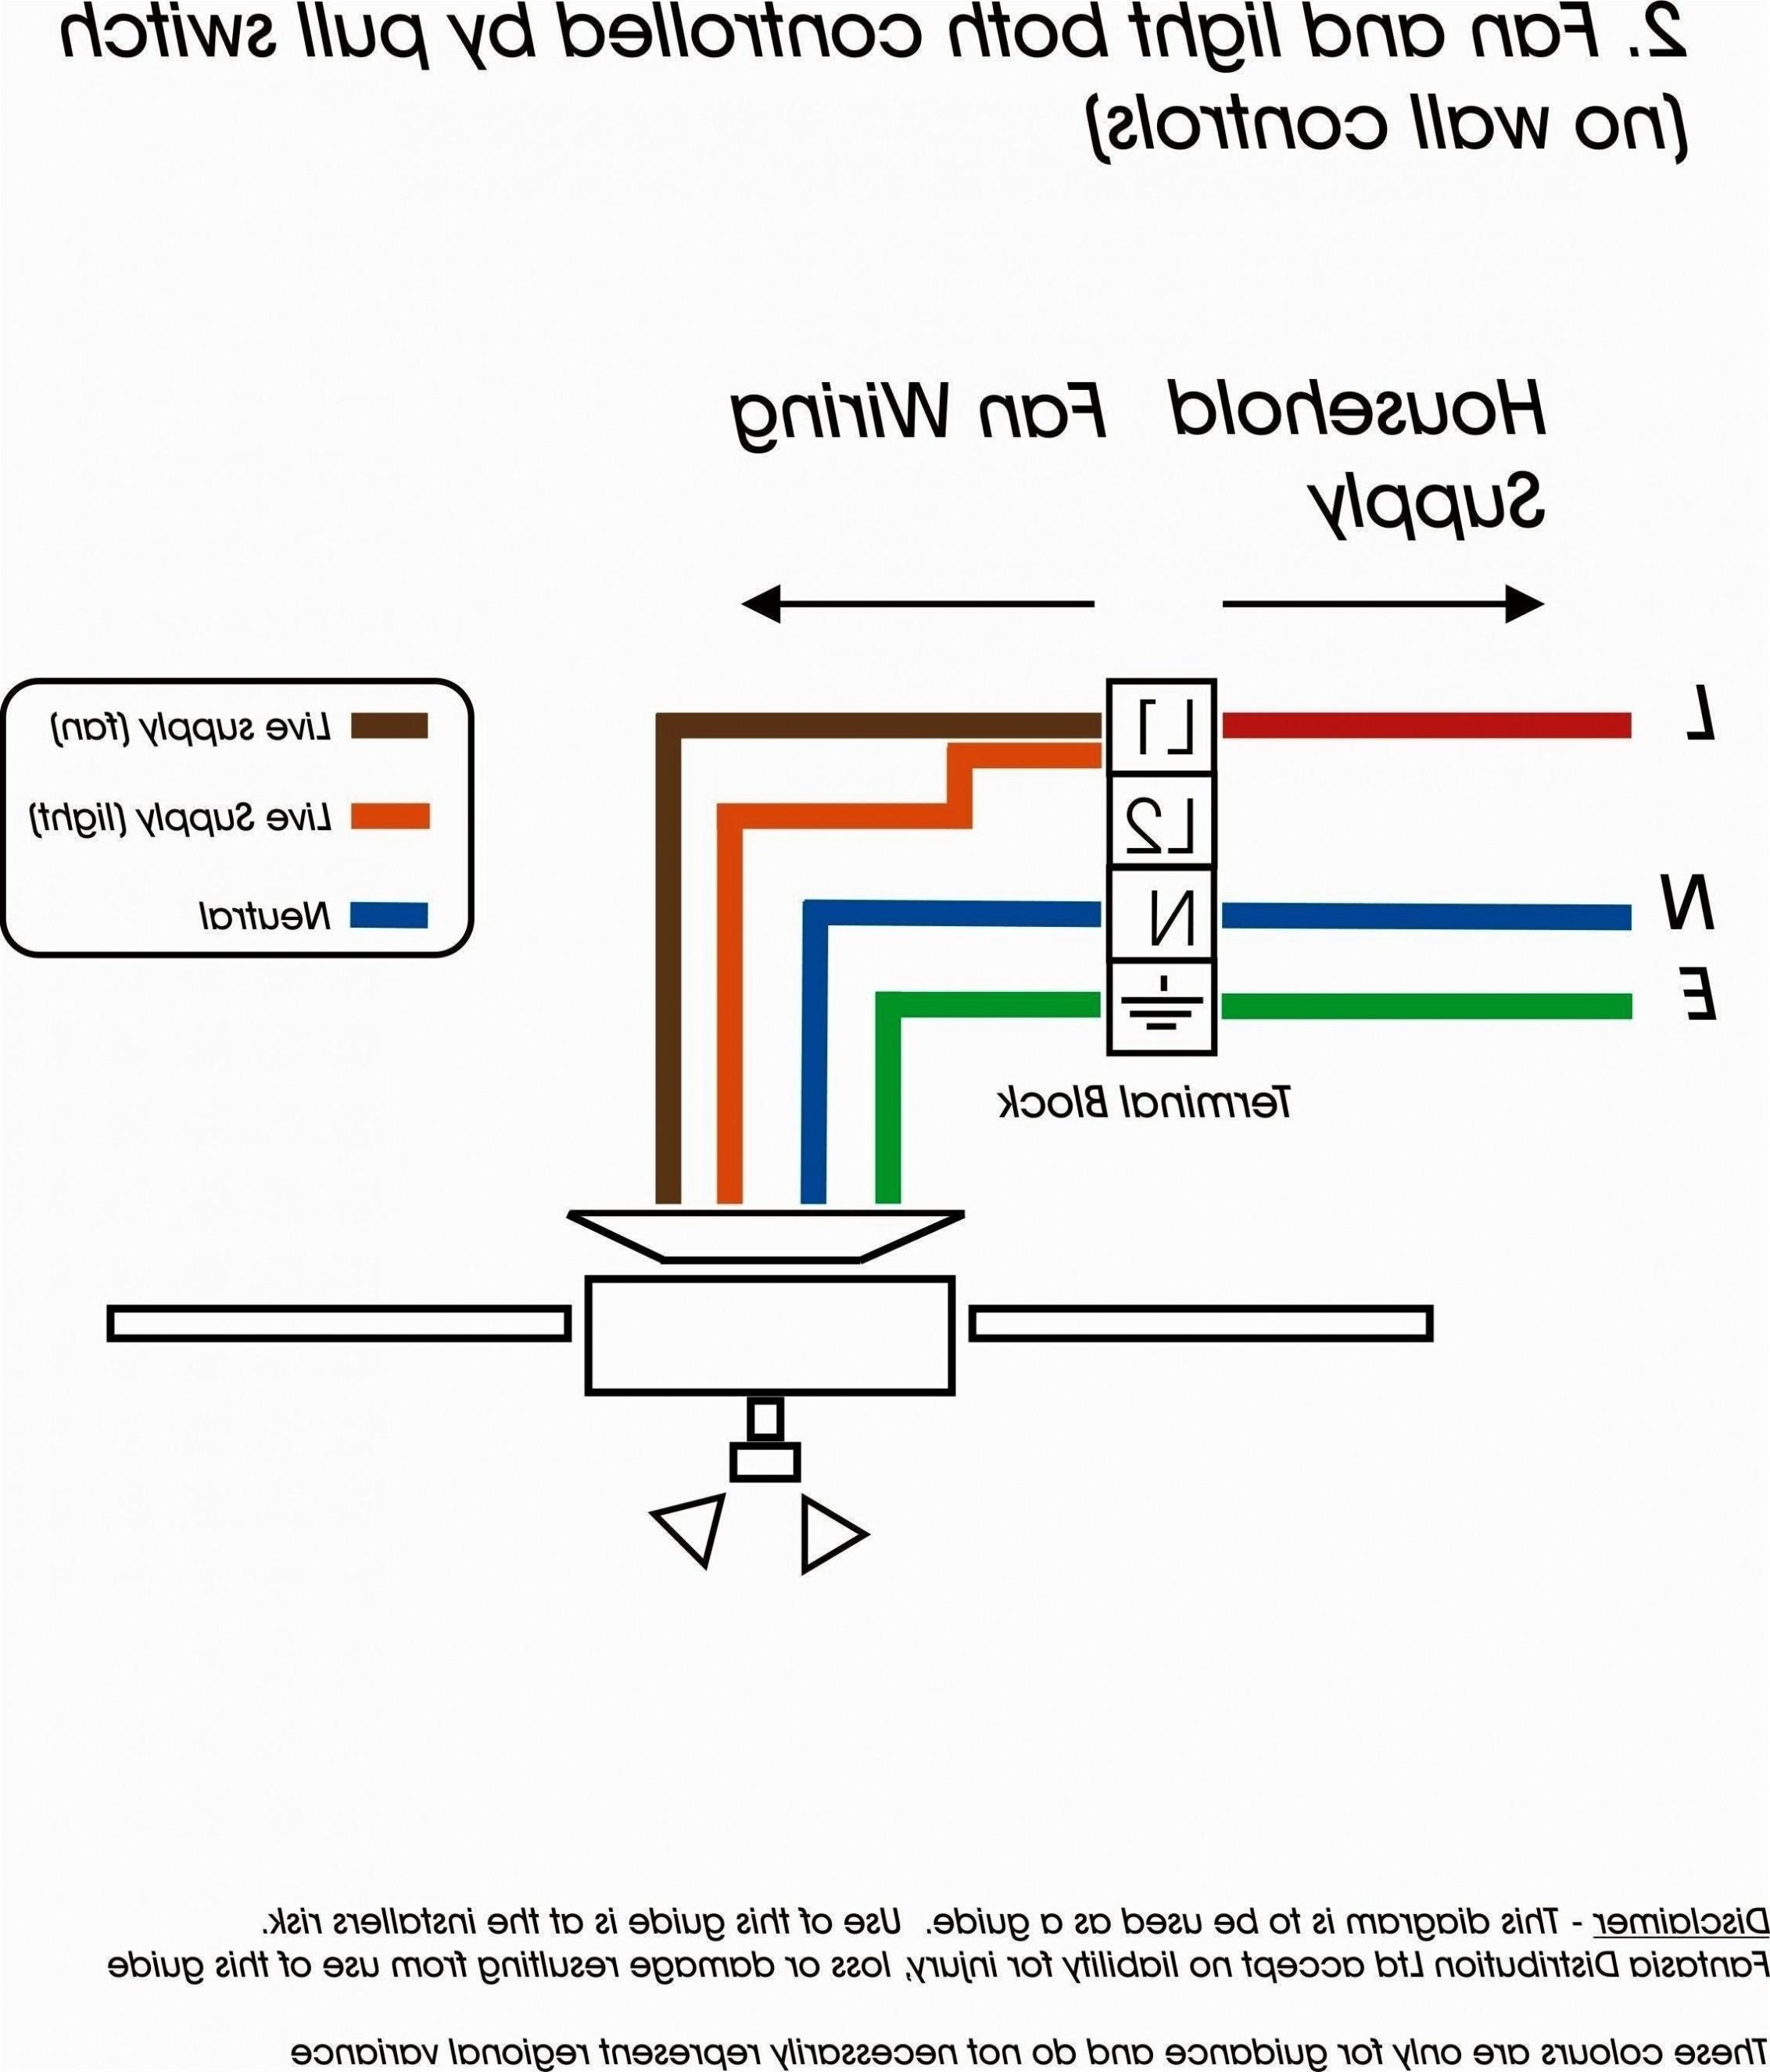 3 Phase Wiring Diagram 3 Phase Motor Wiring Diagram 9 Leads List 3 Phase Wire Diagram Of 3 Phase Wiring Diagram